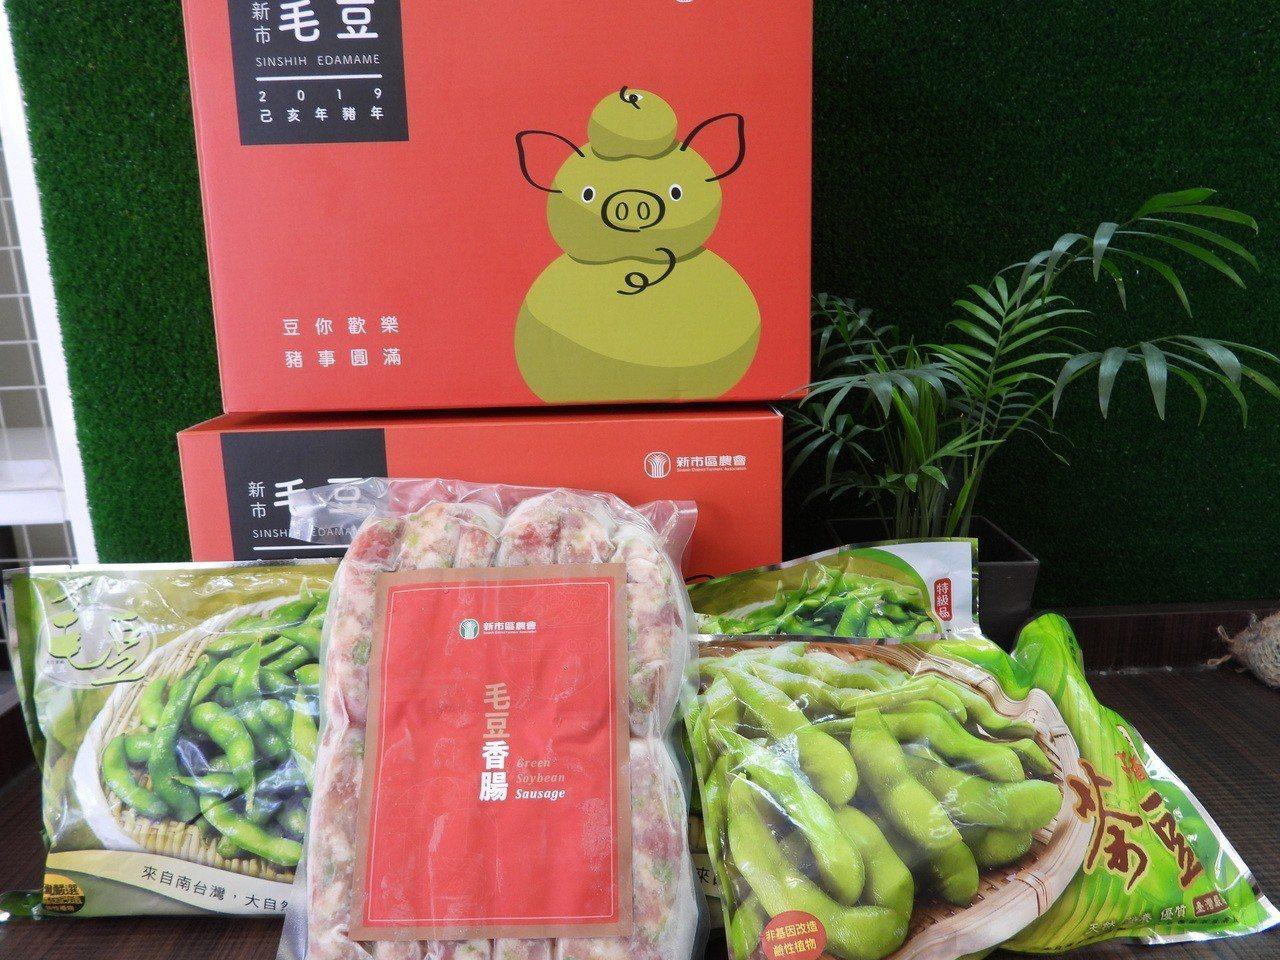 新市農會搶攻豬年與春節市場,推出精緻包裝的毛豆與在地豬肉香腸「豆你歡樂 豬事圓滿...